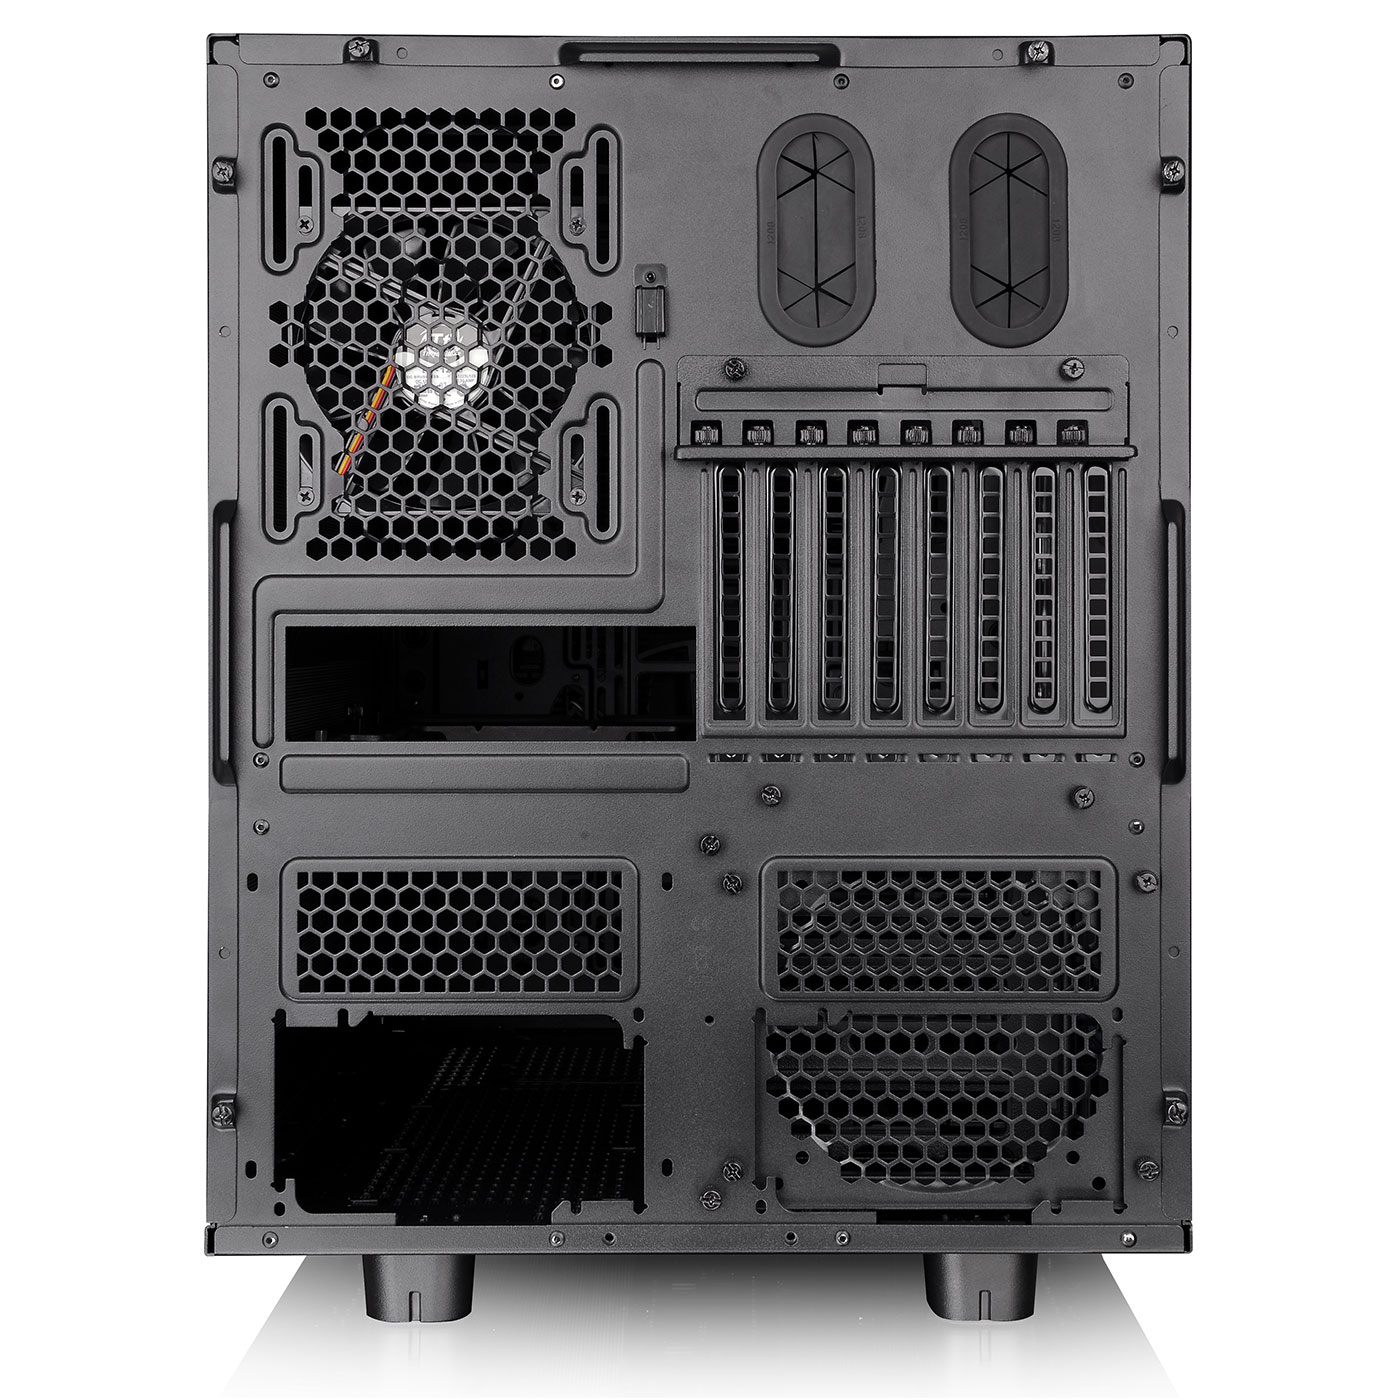 Thermaltake Core X9 Noir Noir - Boîtier PC Thermaltake - 2